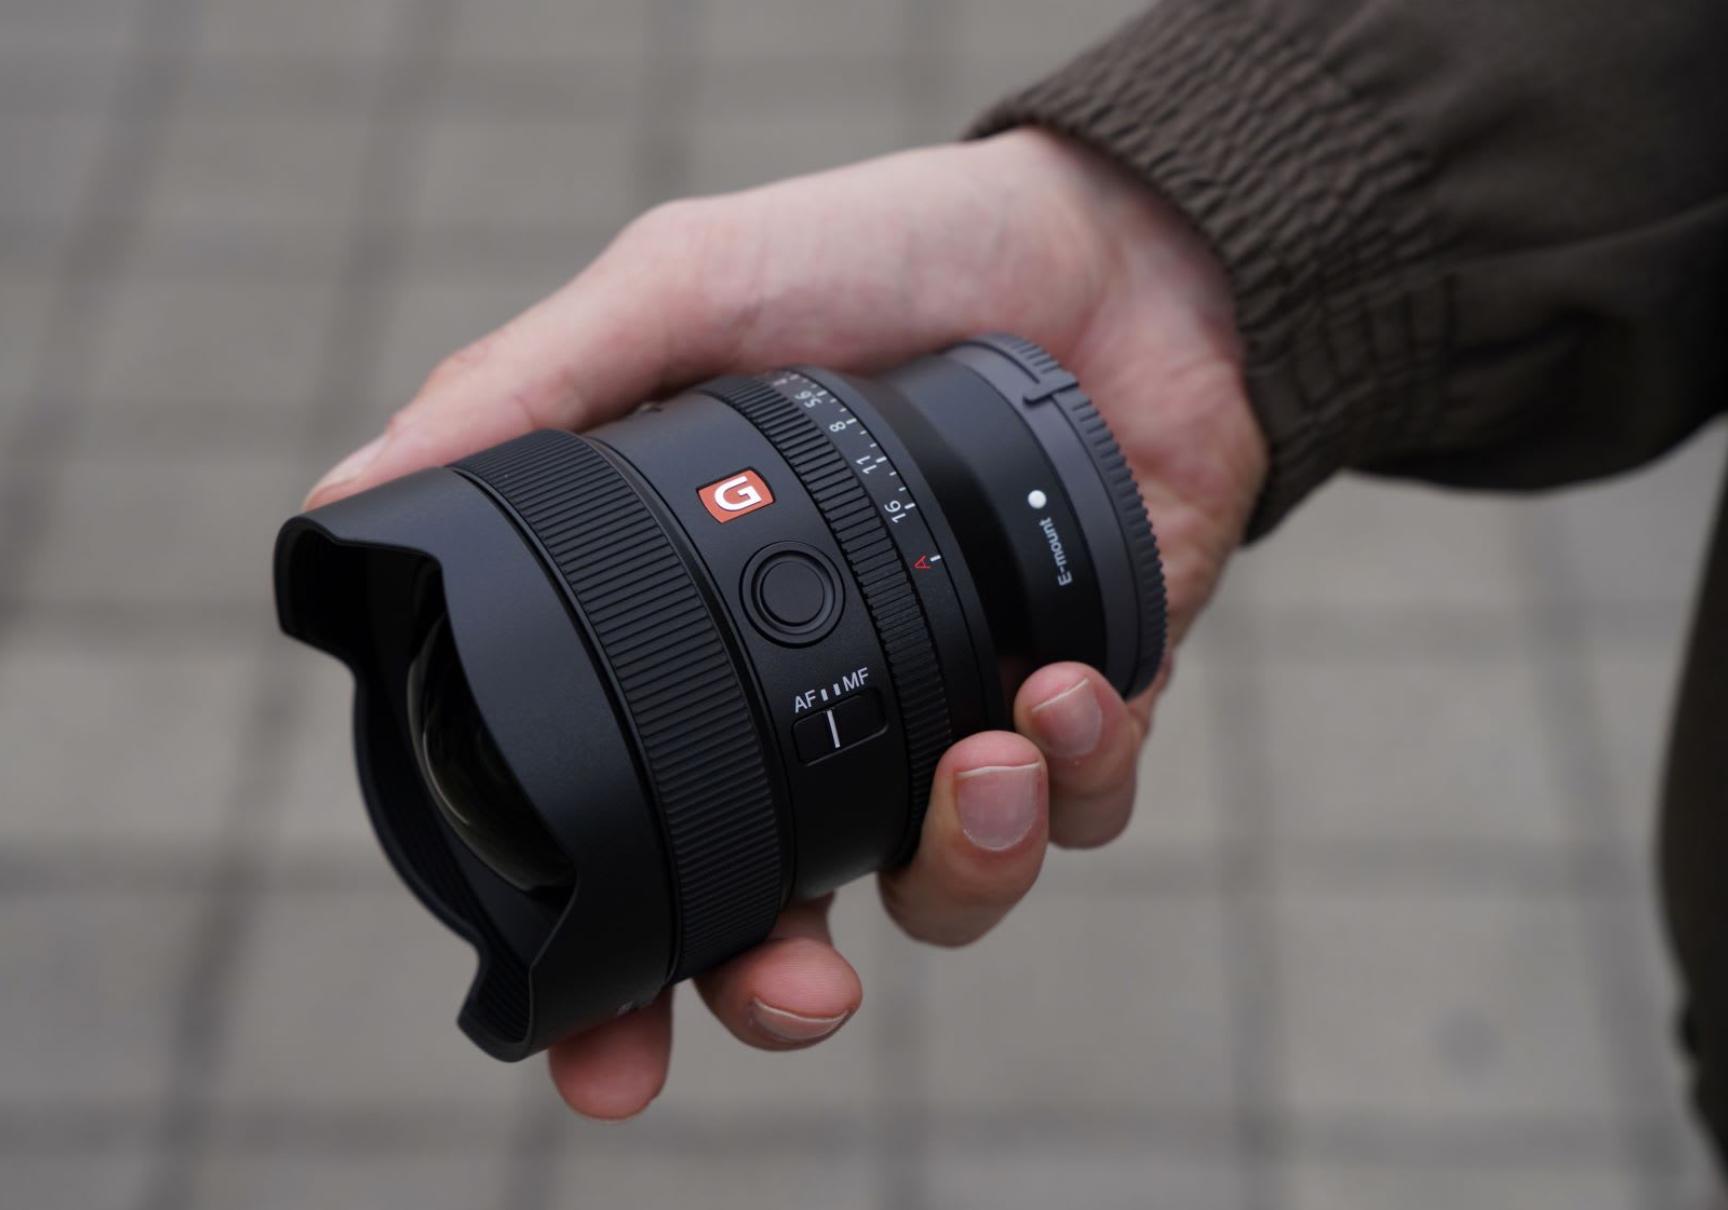 Mann hält Ultraweitwinkel Objektiv von Sony in seiner Hand